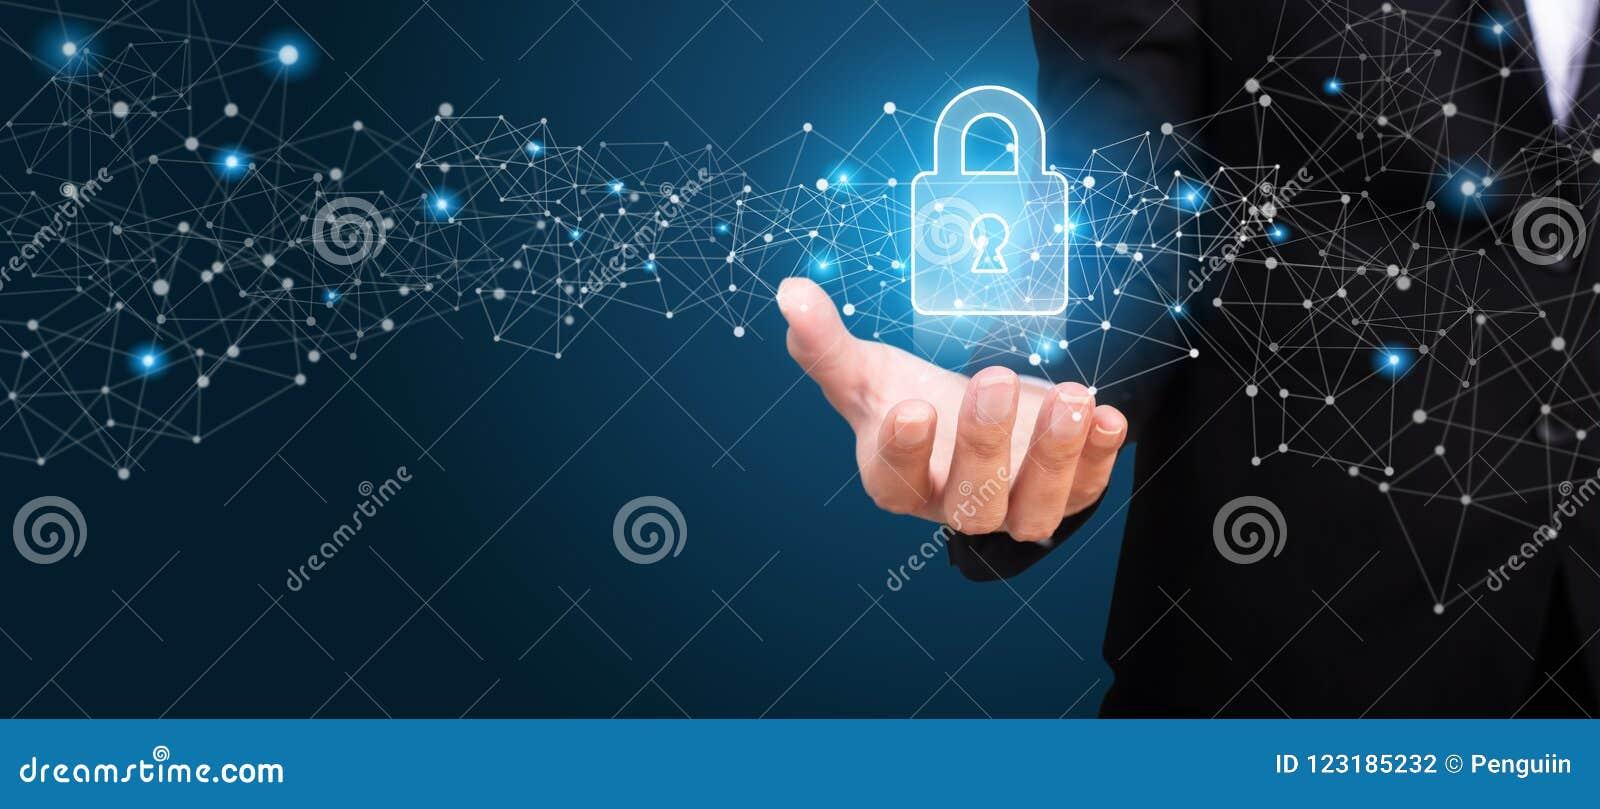 Γενικός κανονισμός GDPR, GDPR προστασίας δεδομένων στο χέρι του β